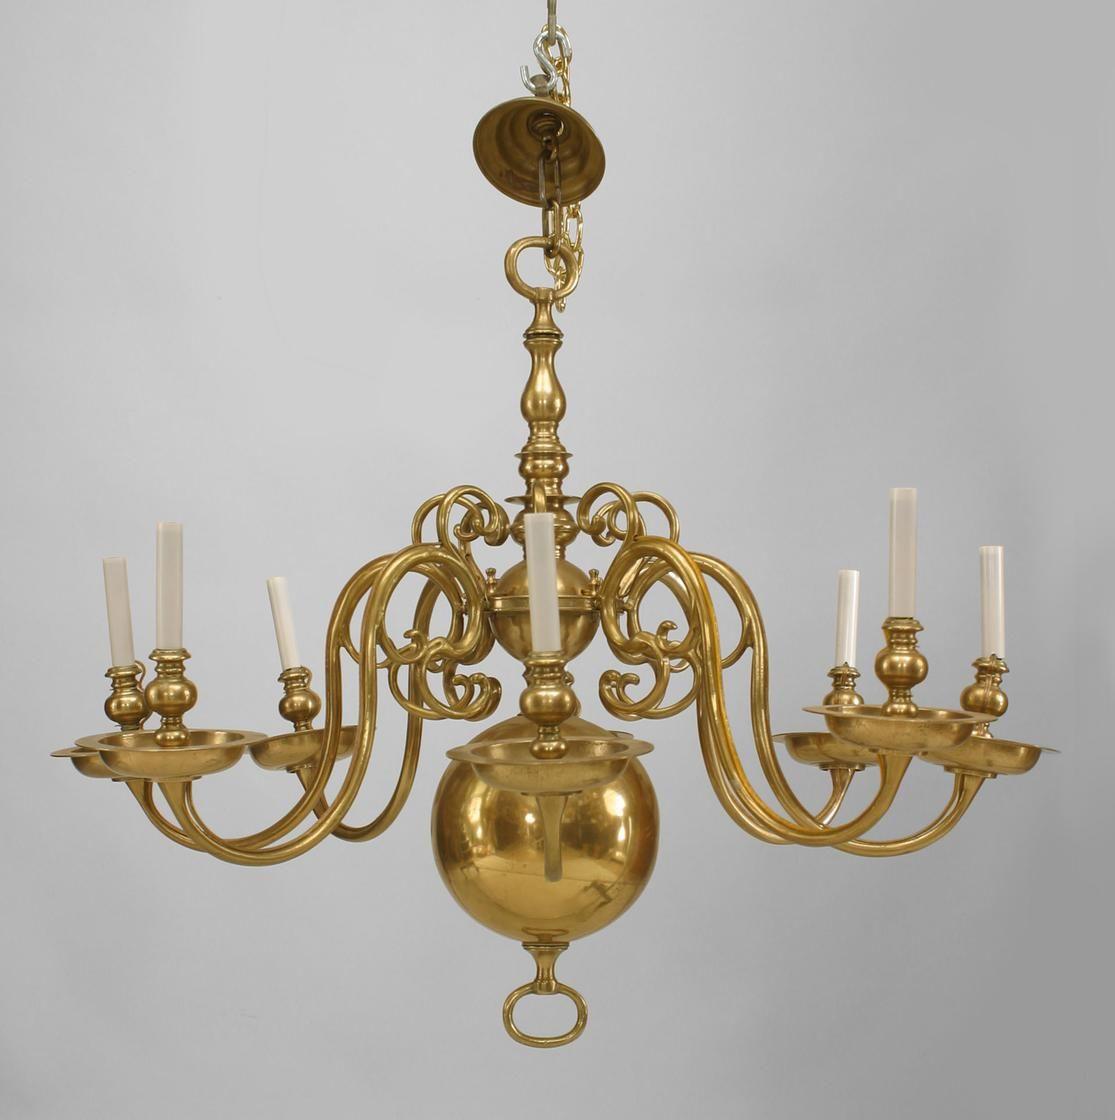 Open Scroll Foyer Chandelier : English georgian style brass chandelier with scroll form